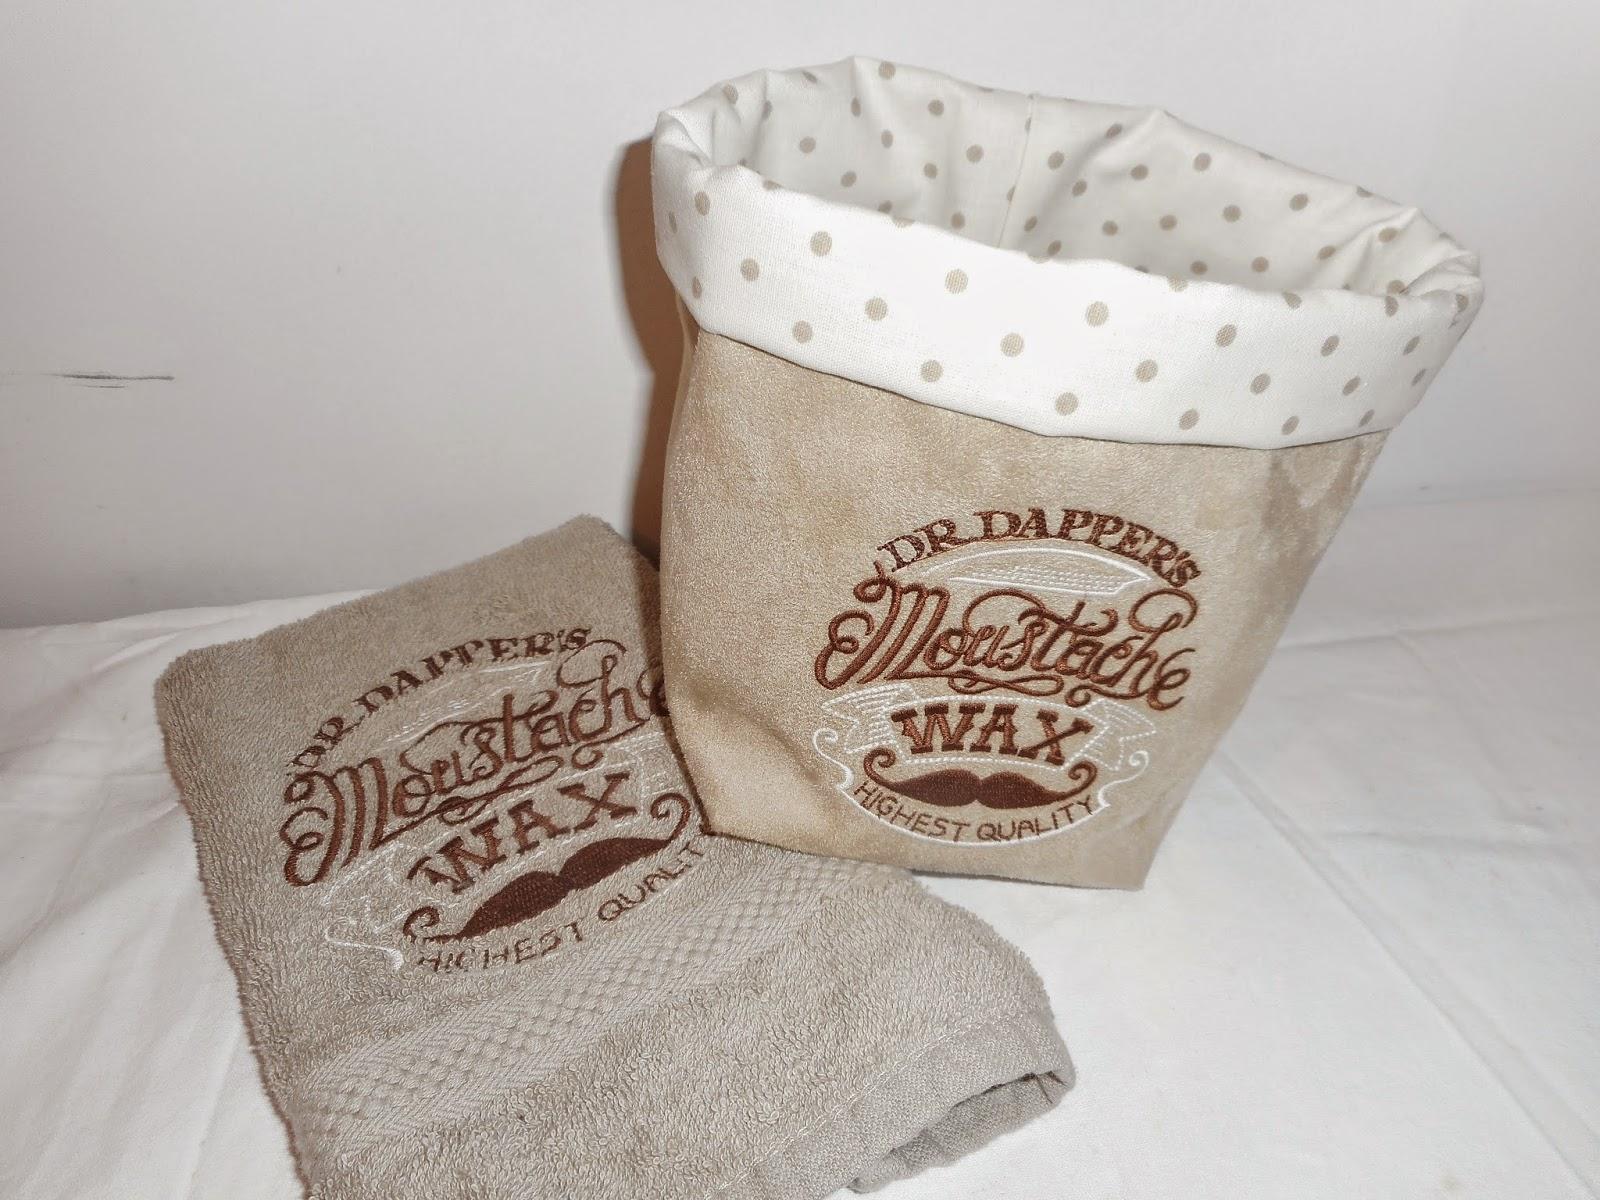 http://www.alittlemarket.com/textiles-et-tapis/fr_serviette_invite_pour_homme_ou_essuie_main_moustache_miss_coopecoll_creation_-11872779.html